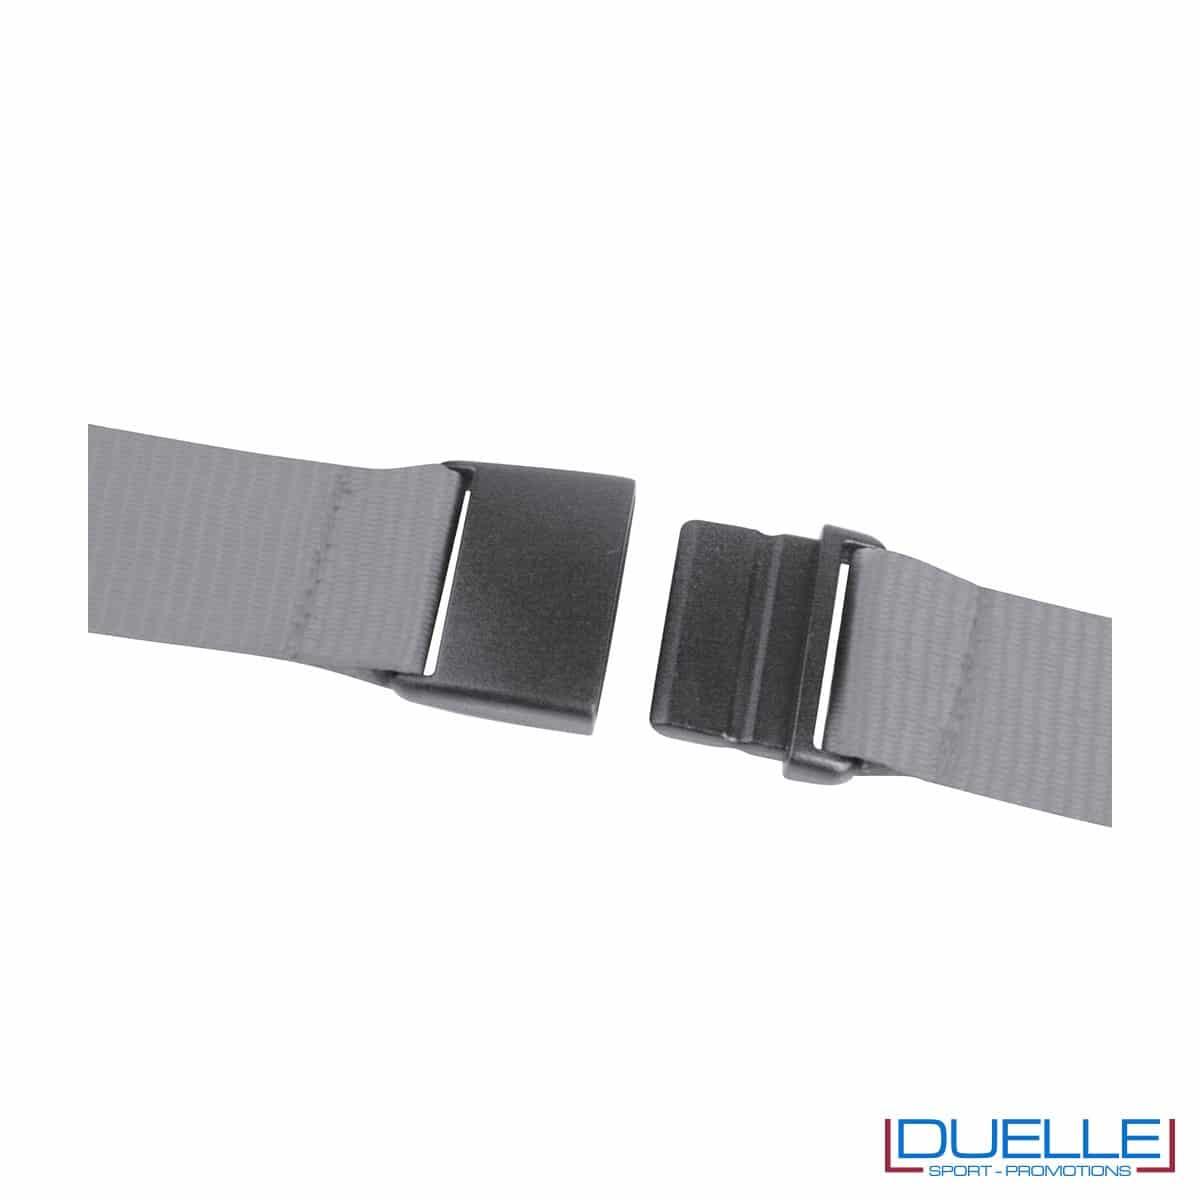 gancio portacellulare da collo con cerniera e foro per cuffie in colore grigio personalizzato, gadget estate, gadget personalizzati